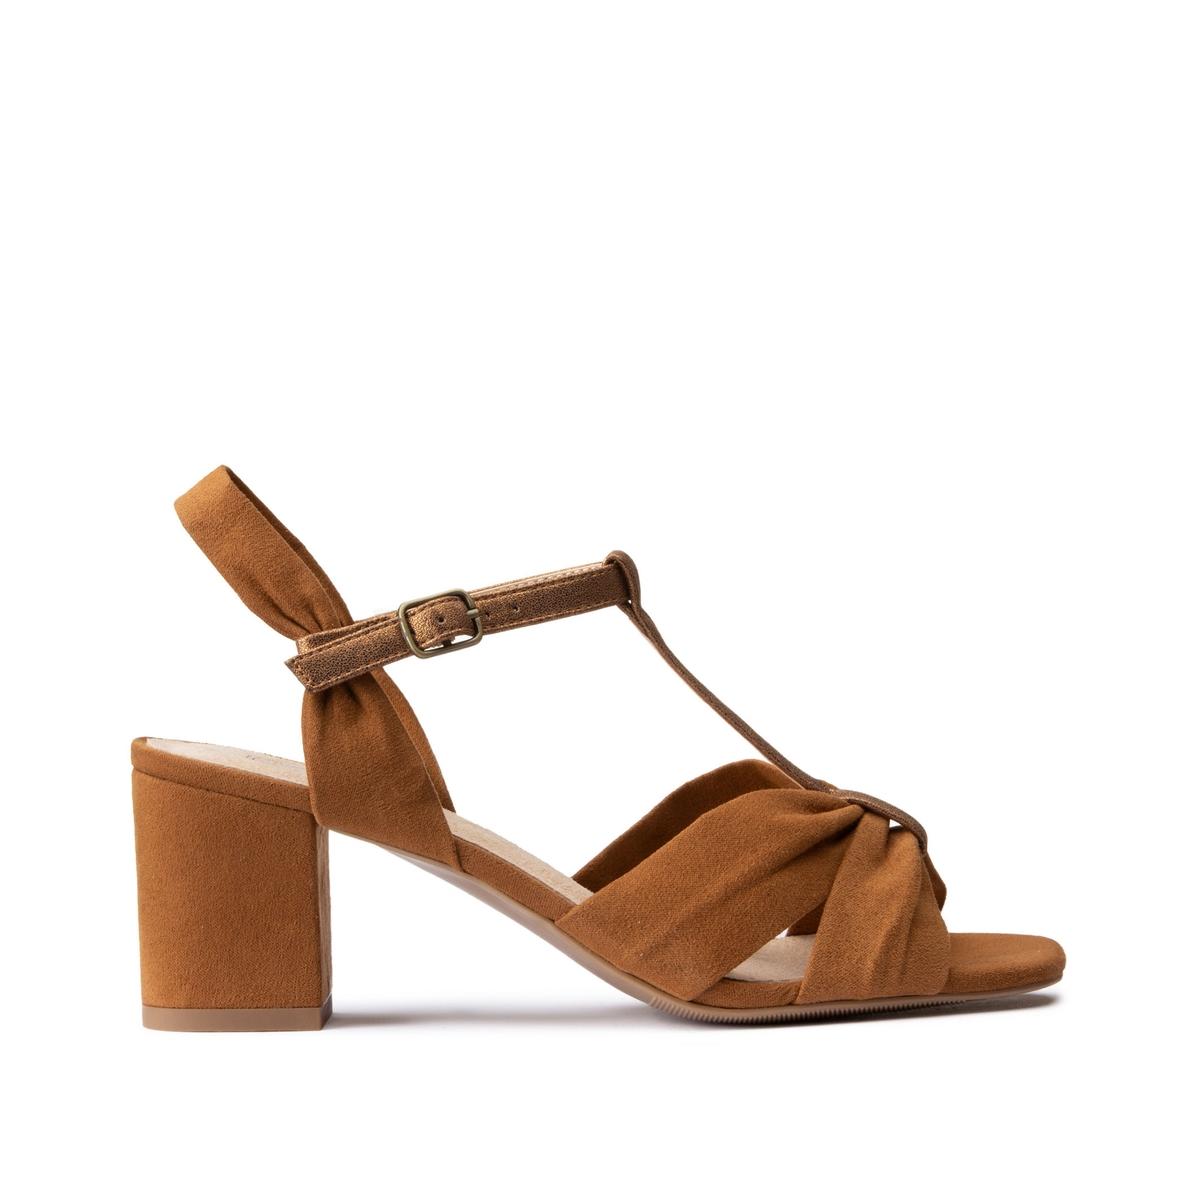 Sandalias drapeadas con tacón ancho